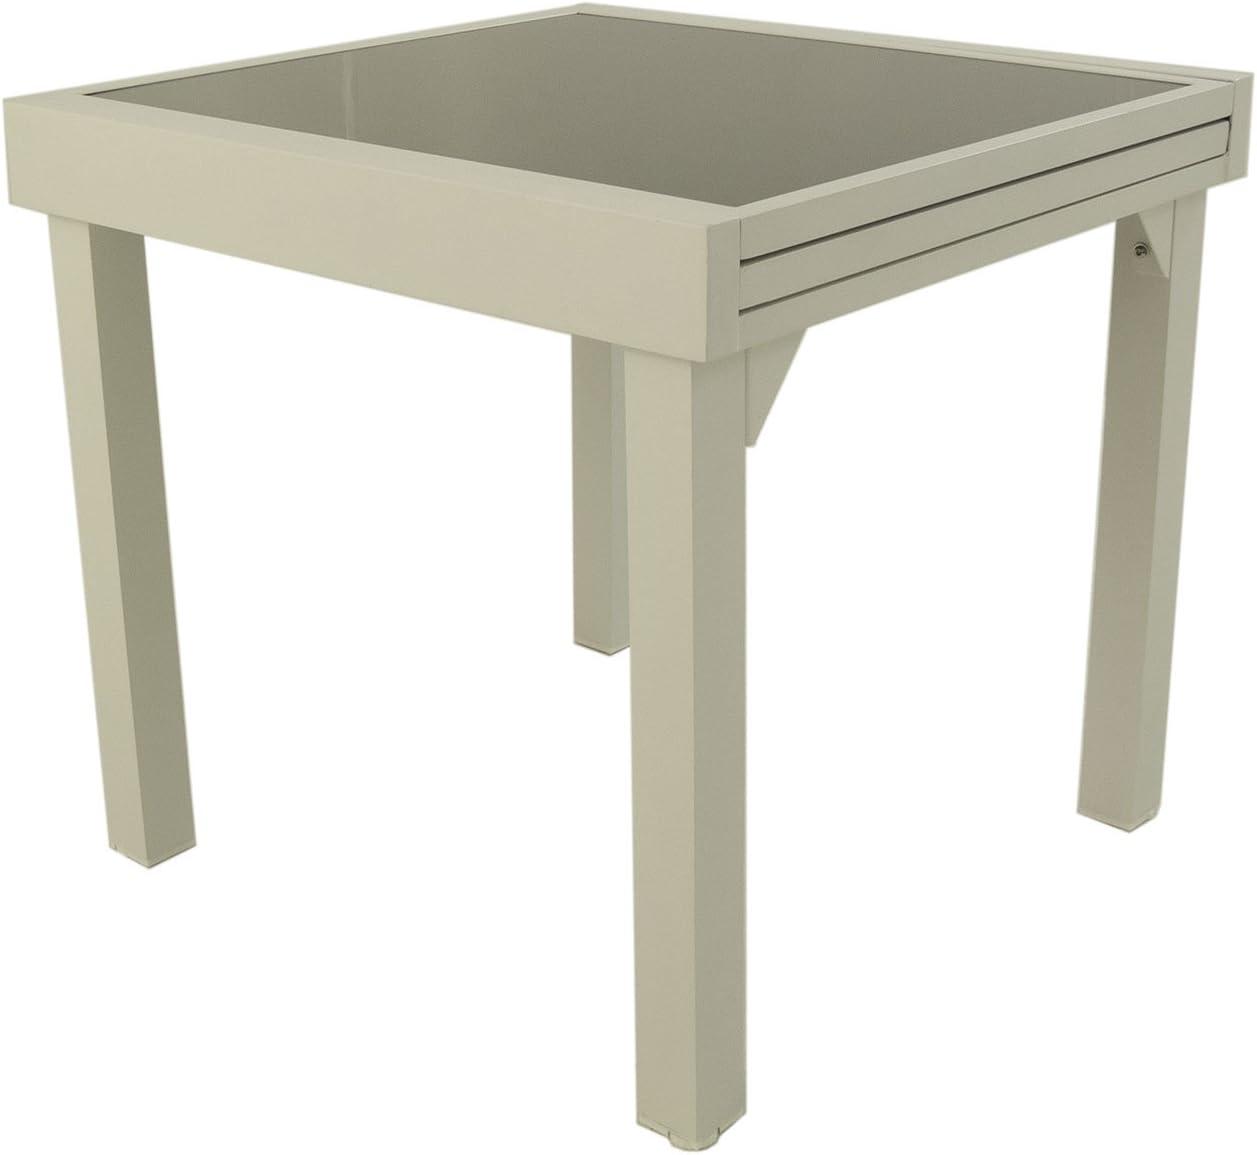 Mesa para jardín Extensible de 80 cm a 160 cm, Aluminio Color Blanco y Cristal Grueso Color taupé, Tamaño: 80x80/160x76 cm